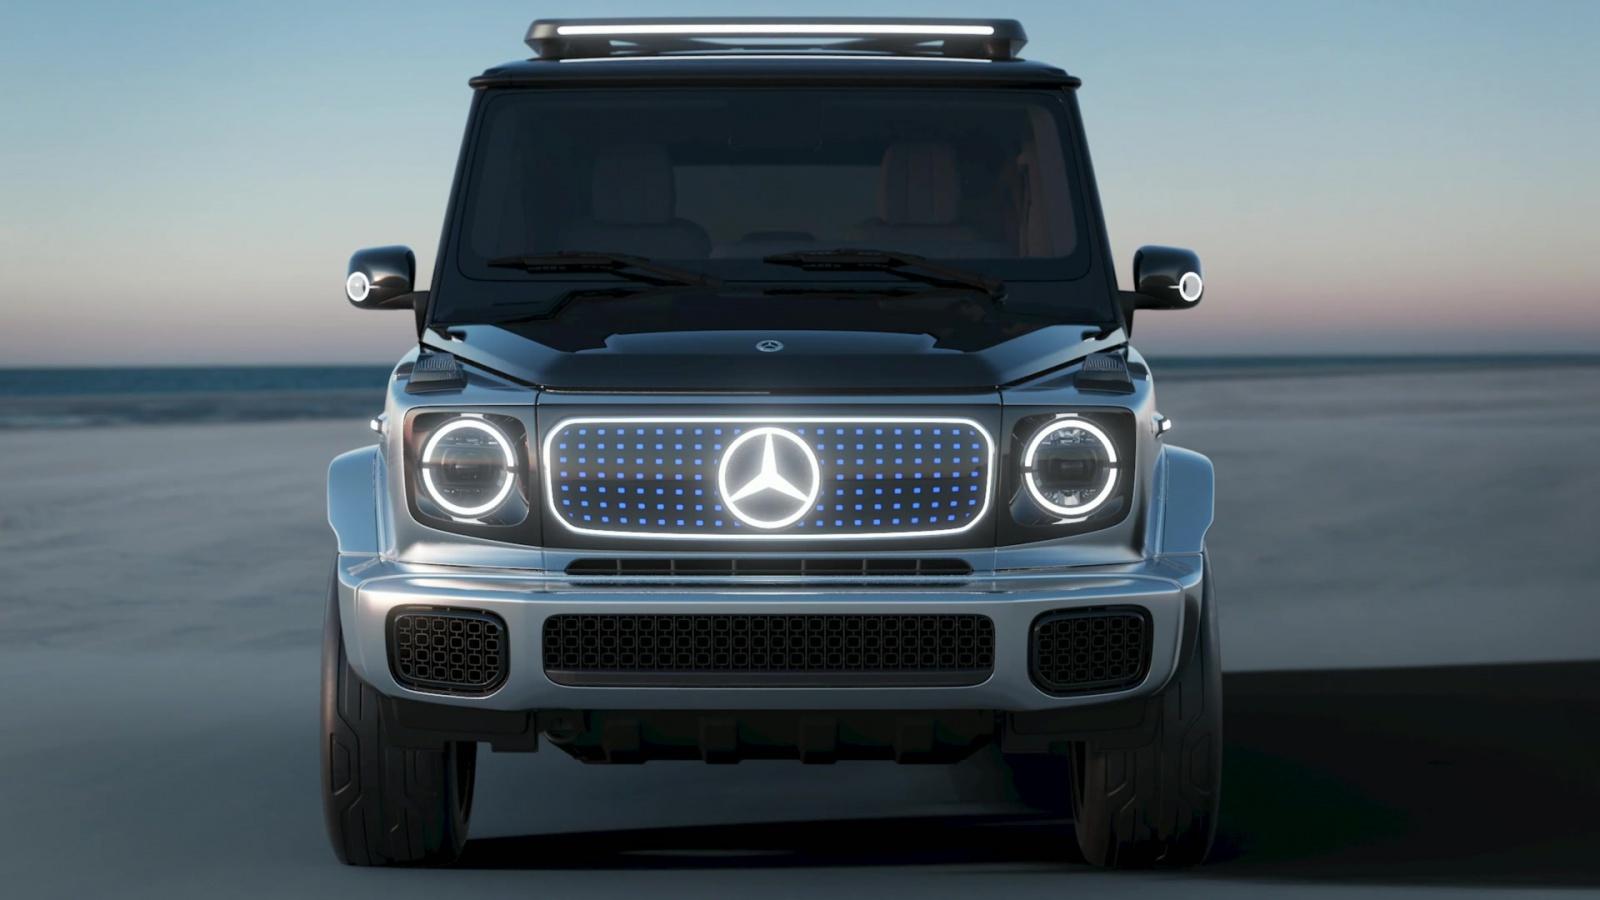 Название: 2021-09-05_Screenshot_Mercedes-Benz-at-IAA-MOBILITY-2021-51-06.jpg Просмотров: 382  Размер: 238.1 Кб